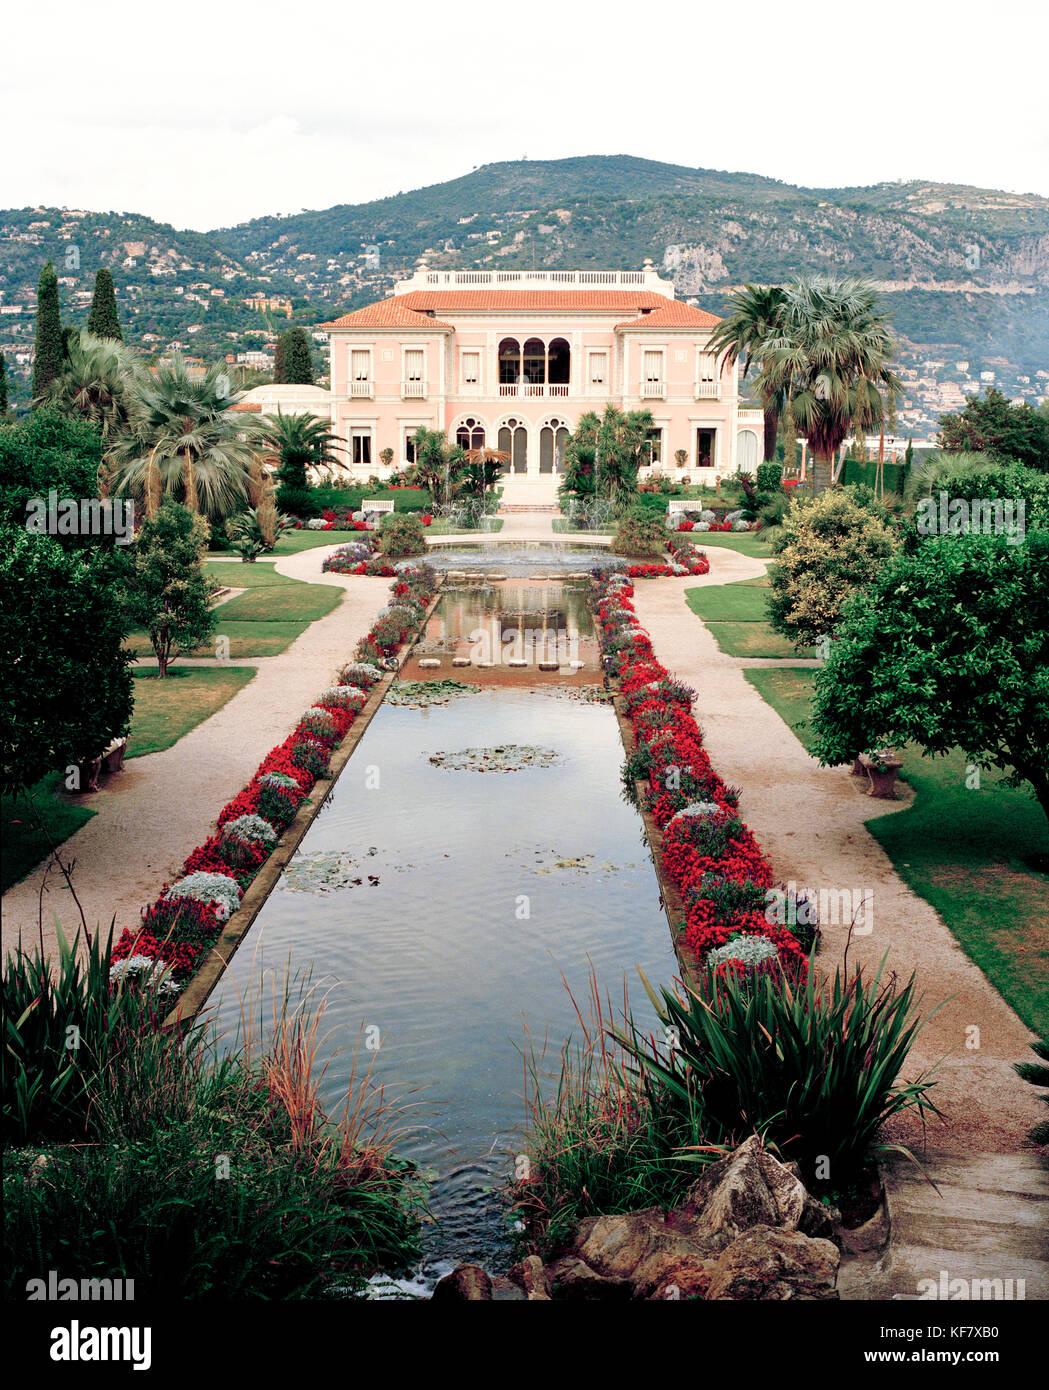 Francia, el exterior de la mansión Rothschild, Niza Imagen De Stock